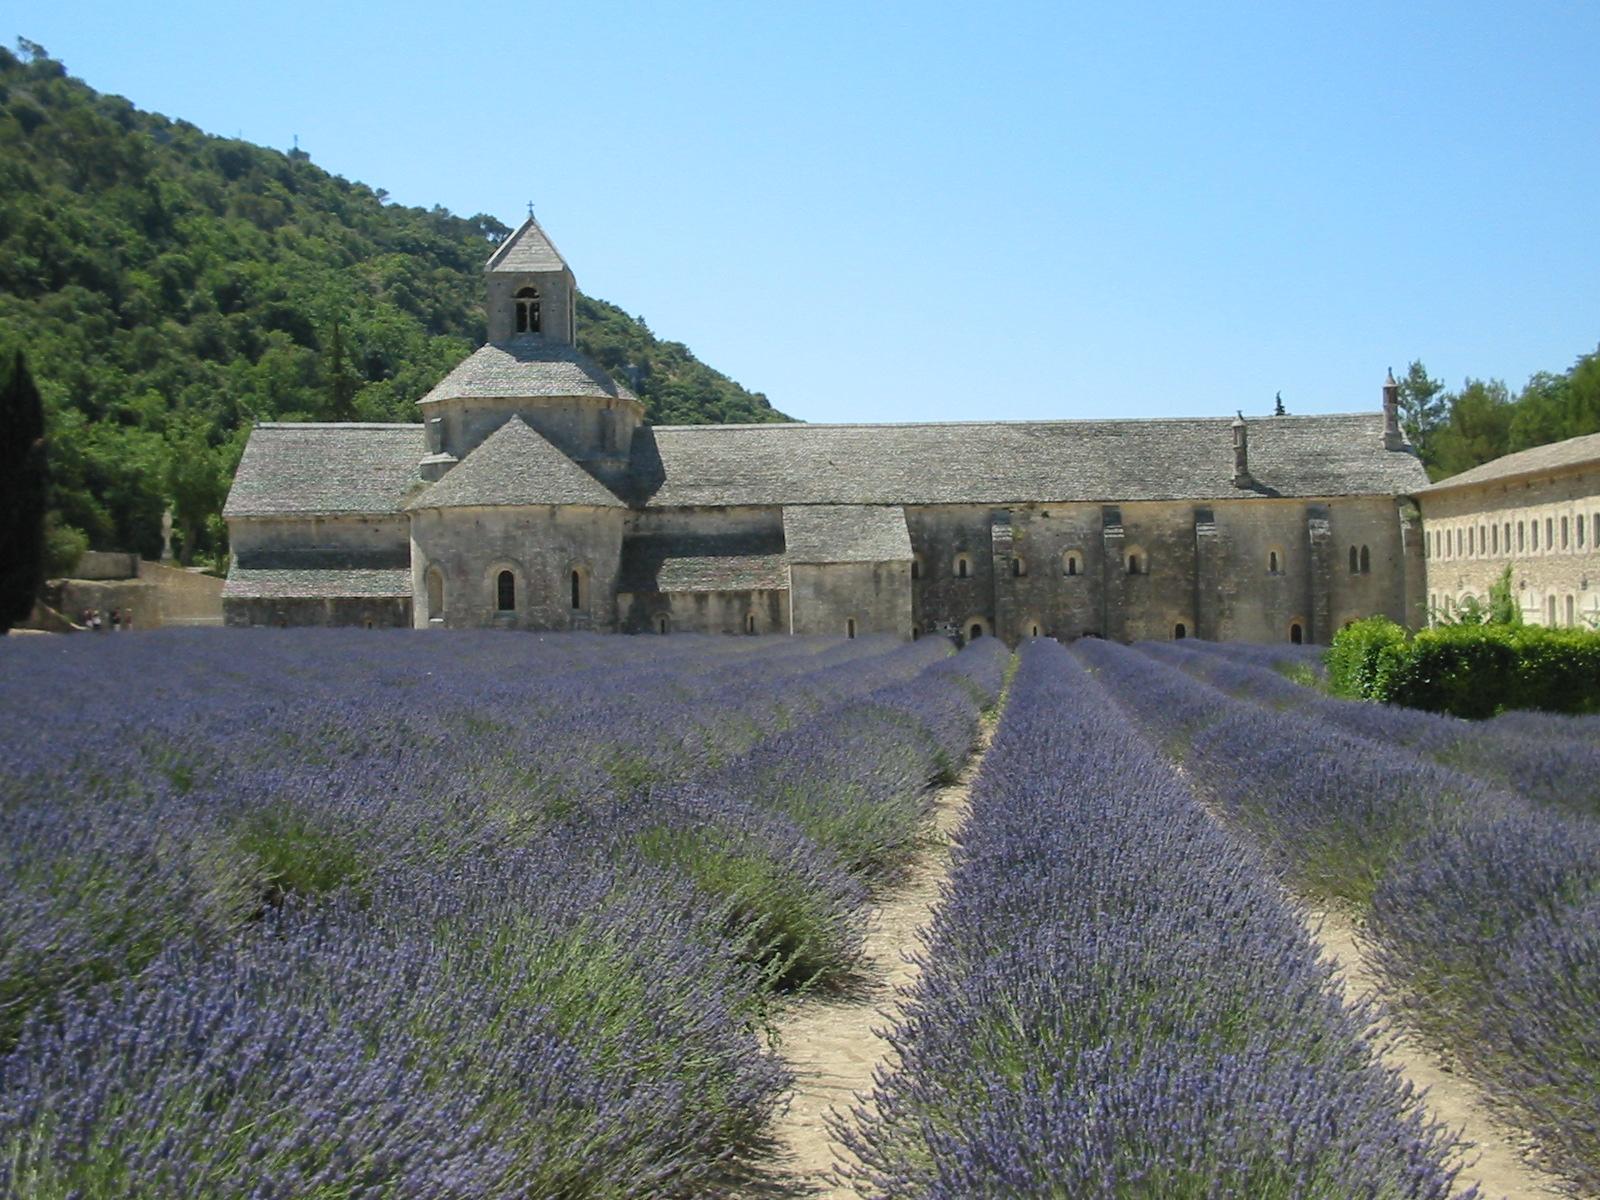 Аббатство Сенанк, поля лаванды с северной стороны монастыря